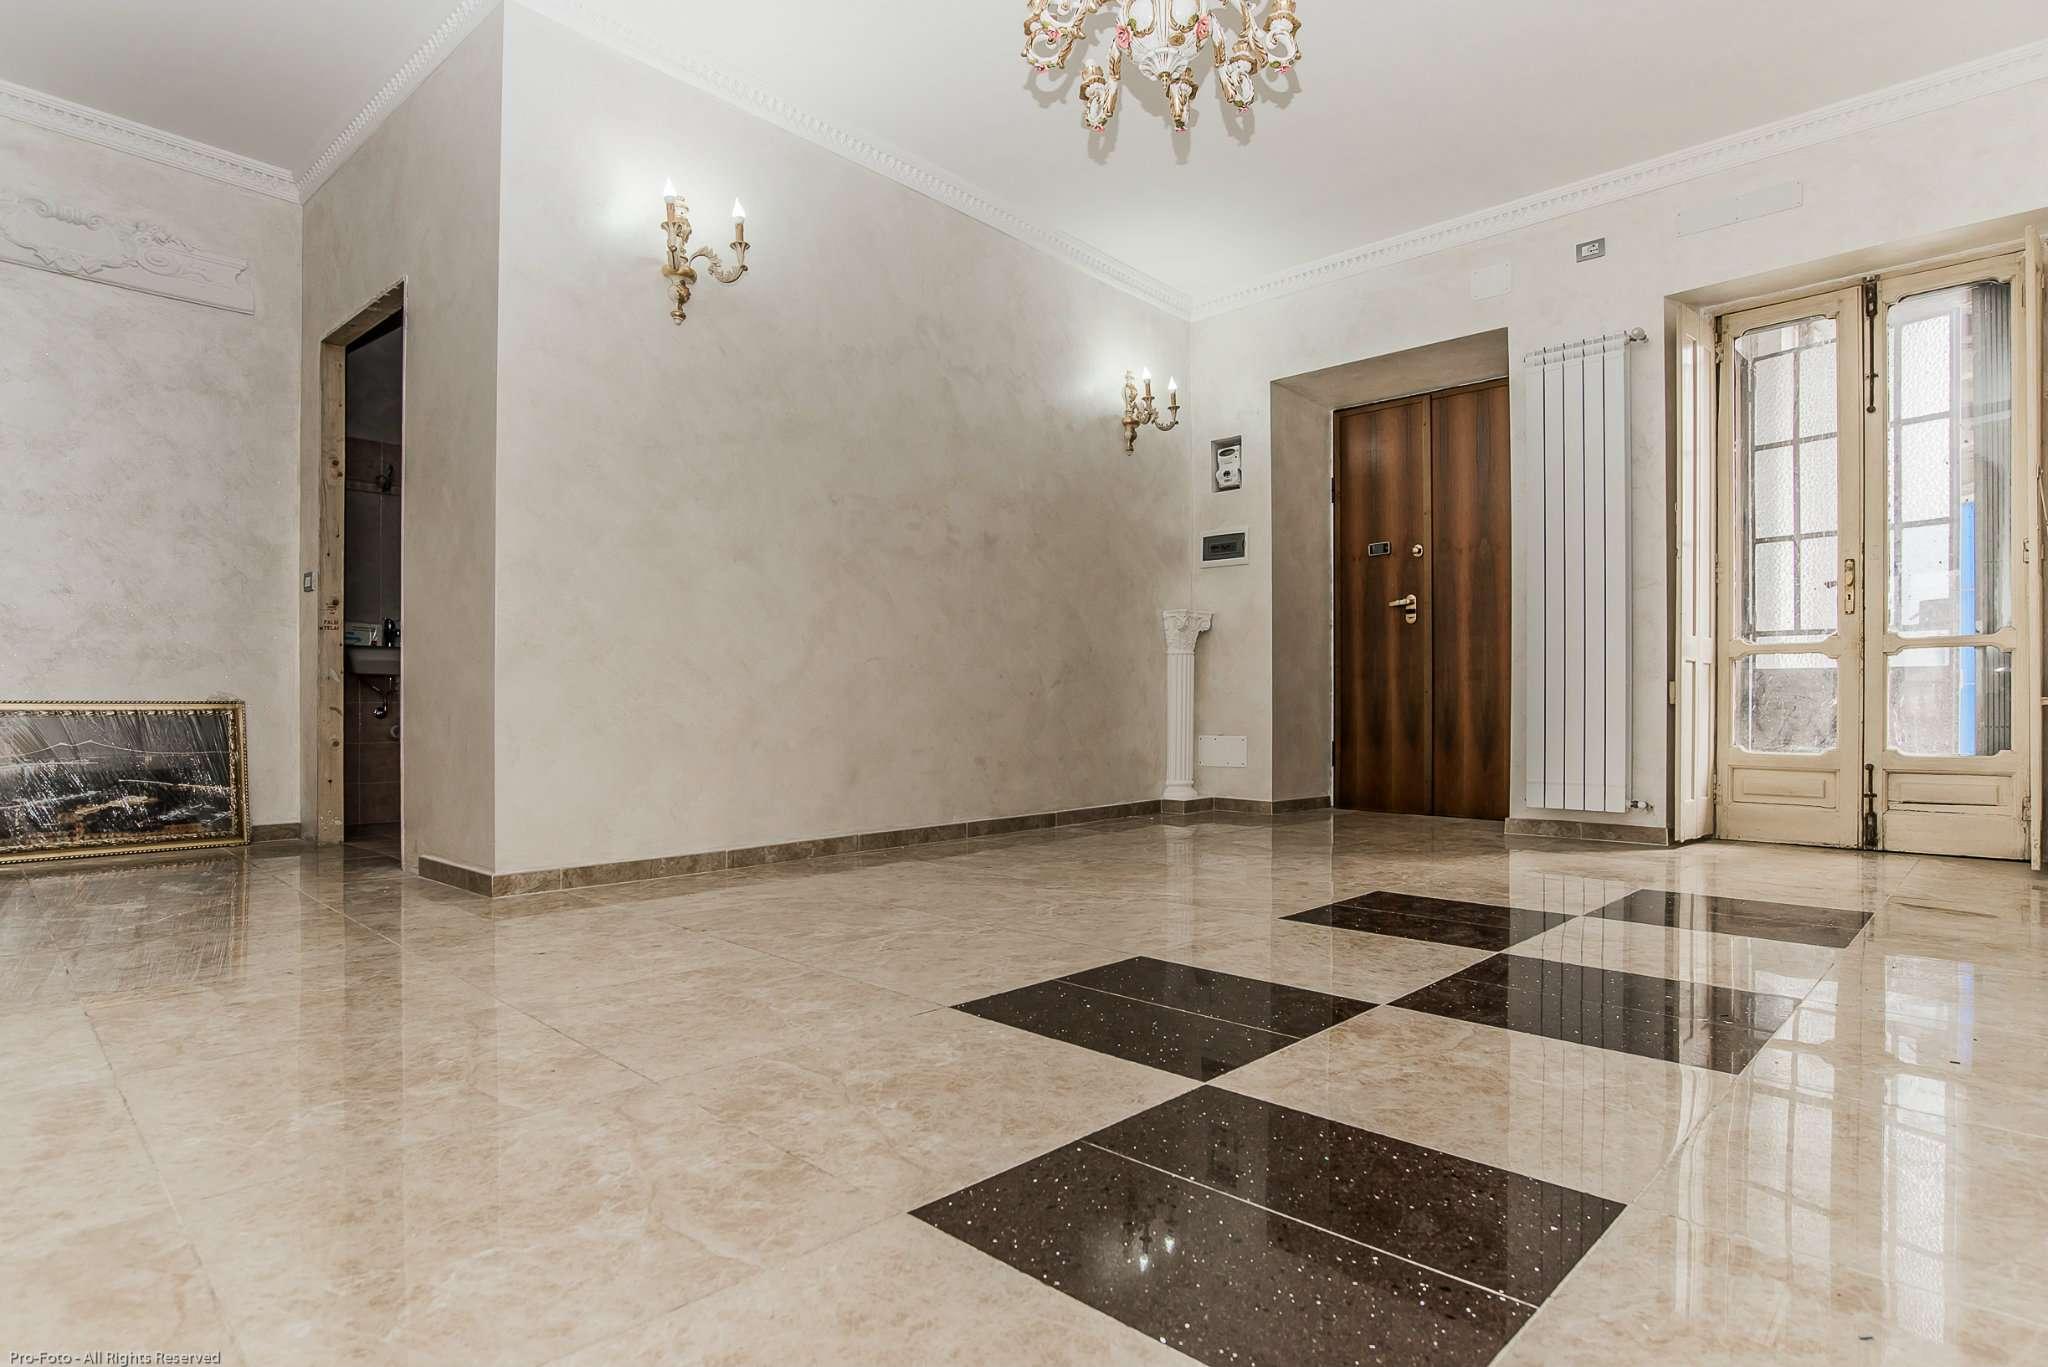 Immagine immobiliare Torino Zona San Salvario – Via Nizza 67 - Vendesi quadrilocale ristrutturato Torino Zona San Salvario – Via Nizza 67Descrizione Generale: Proponiamo in vendita appartamento di circa 100 mq, in palazzina dei primi del...